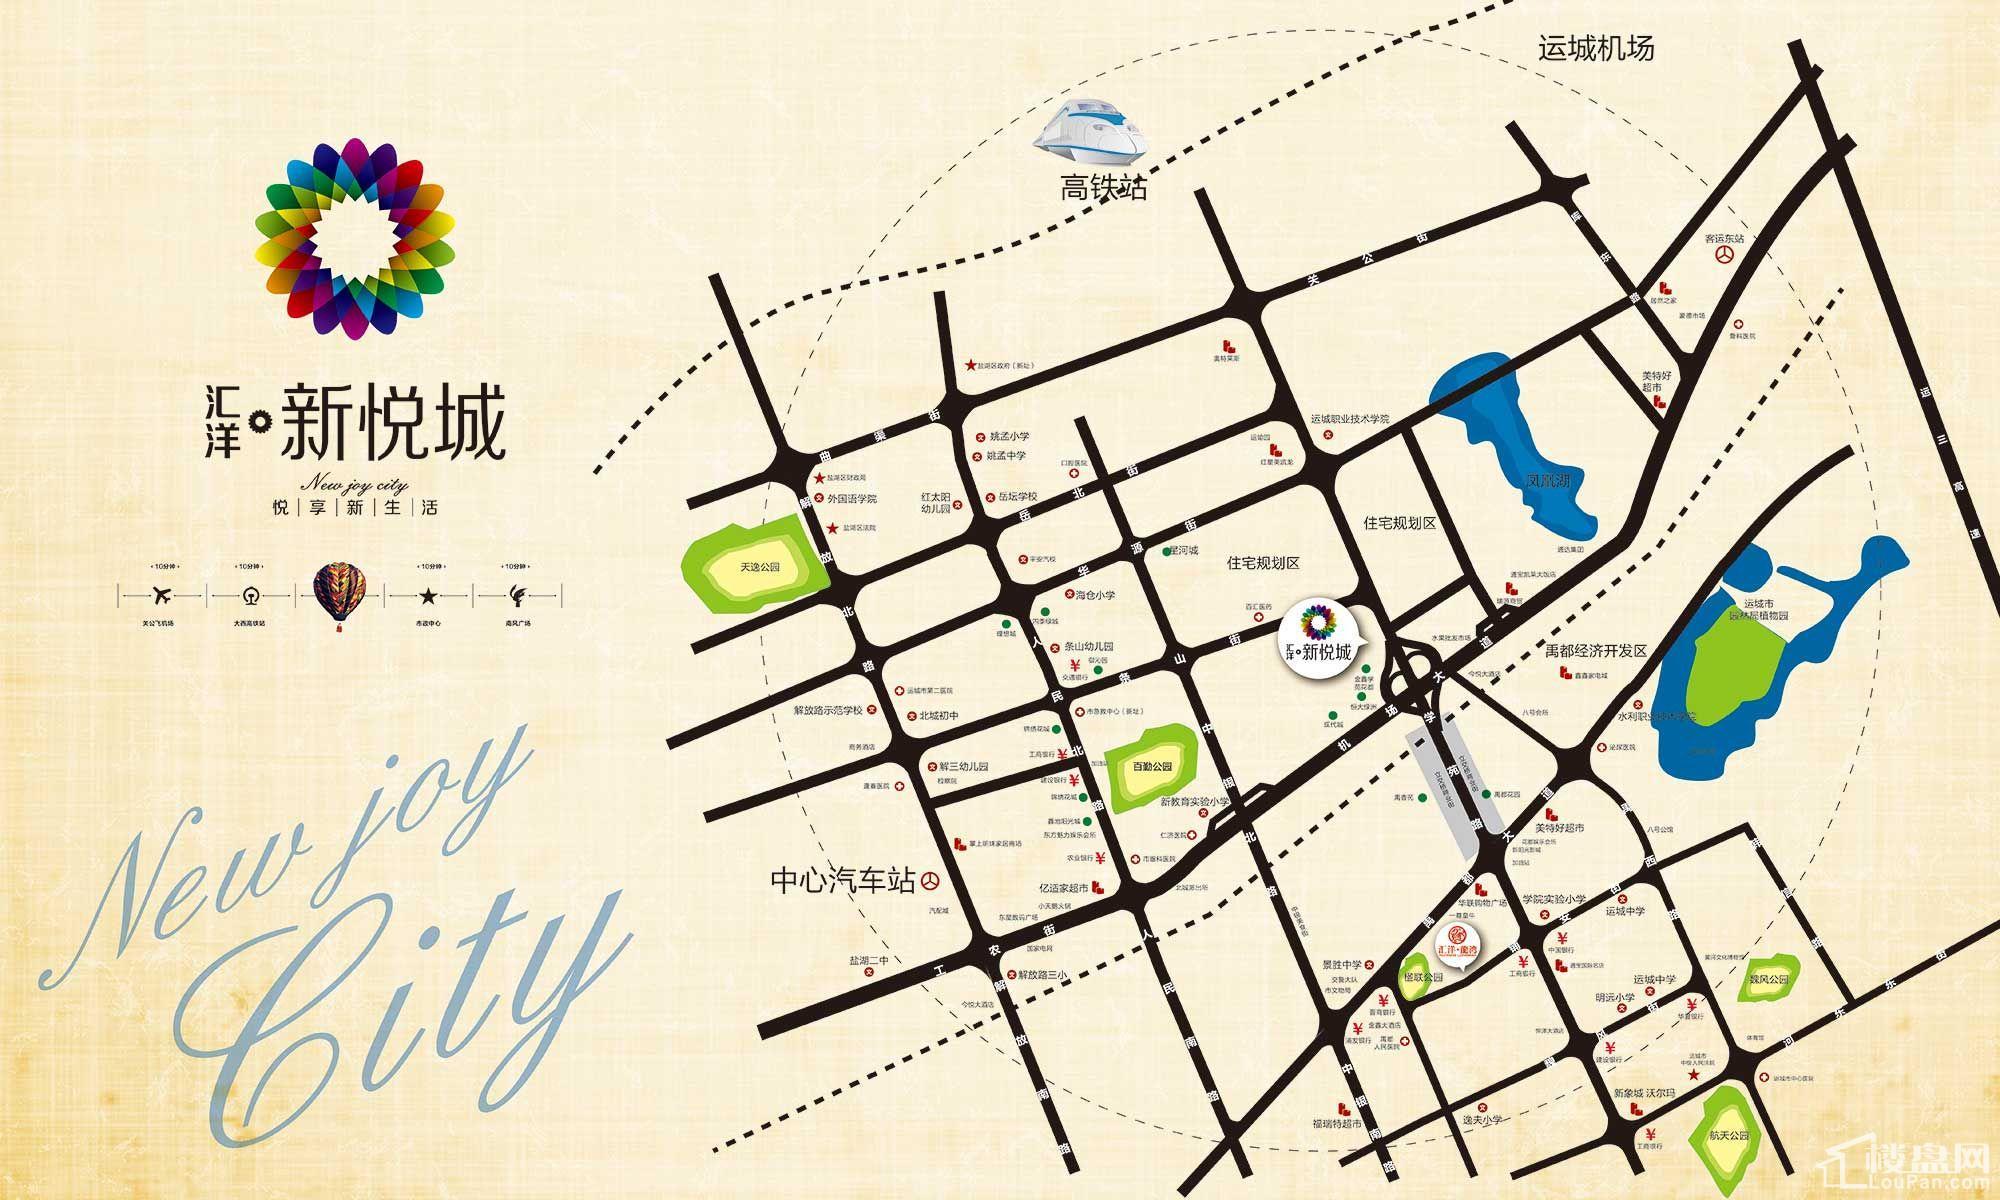 汇洋·新悦城位置图